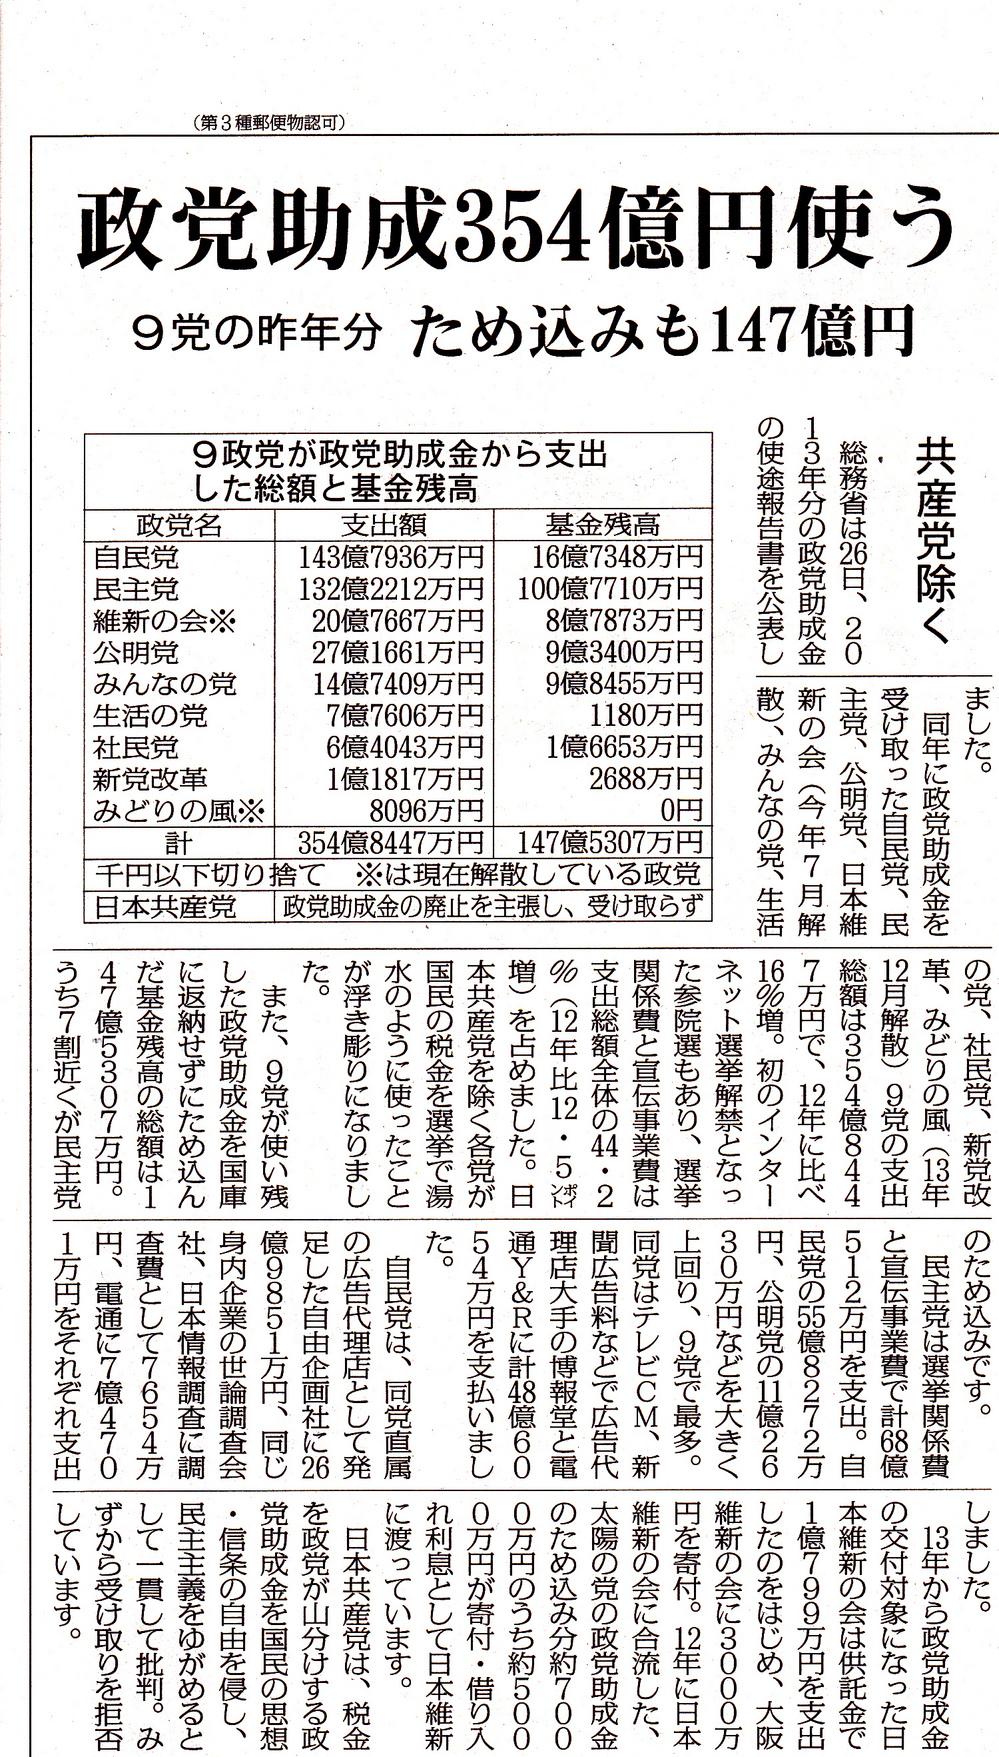 政党助成金_0001.jpg